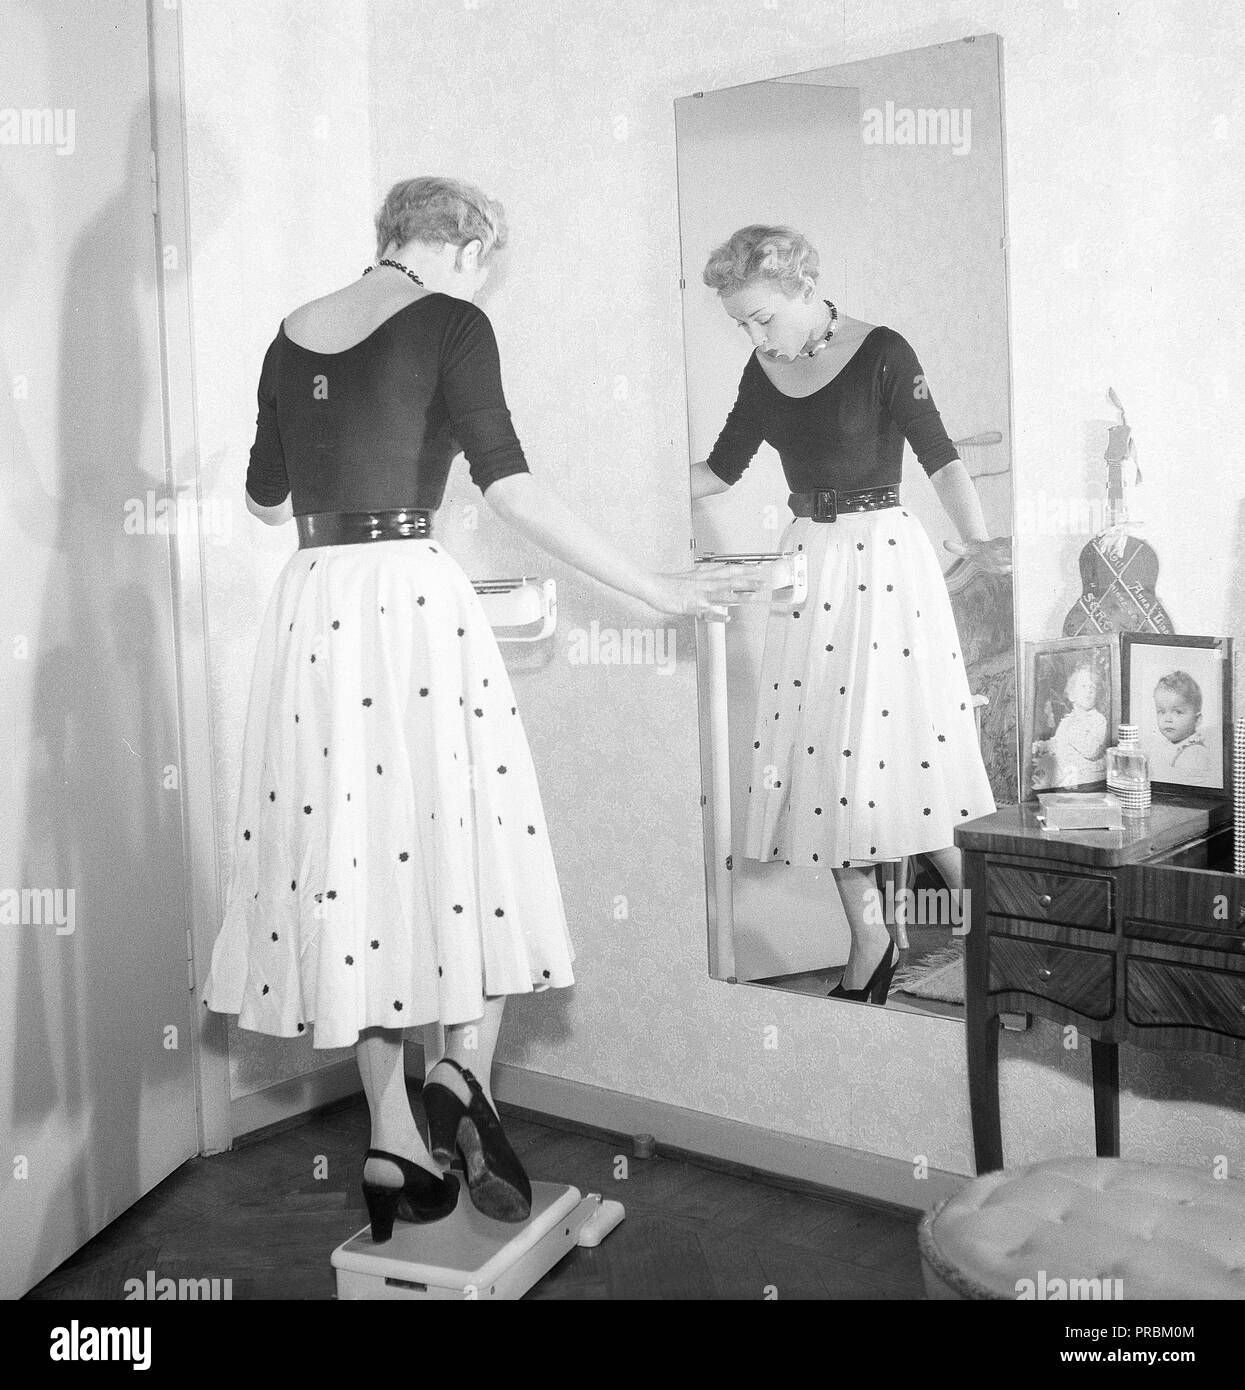 50er Jahre Mode. Eine junge Frau ist auf einem Bein stehen auf der Skala, die versuchen, die so leicht wie möglich sein. Bilder Schauspielerin AnnaLisa Ericson, 1913-1911. Schweden 1950. Foto Kristoffersson ref BM 74-10 Stockbild